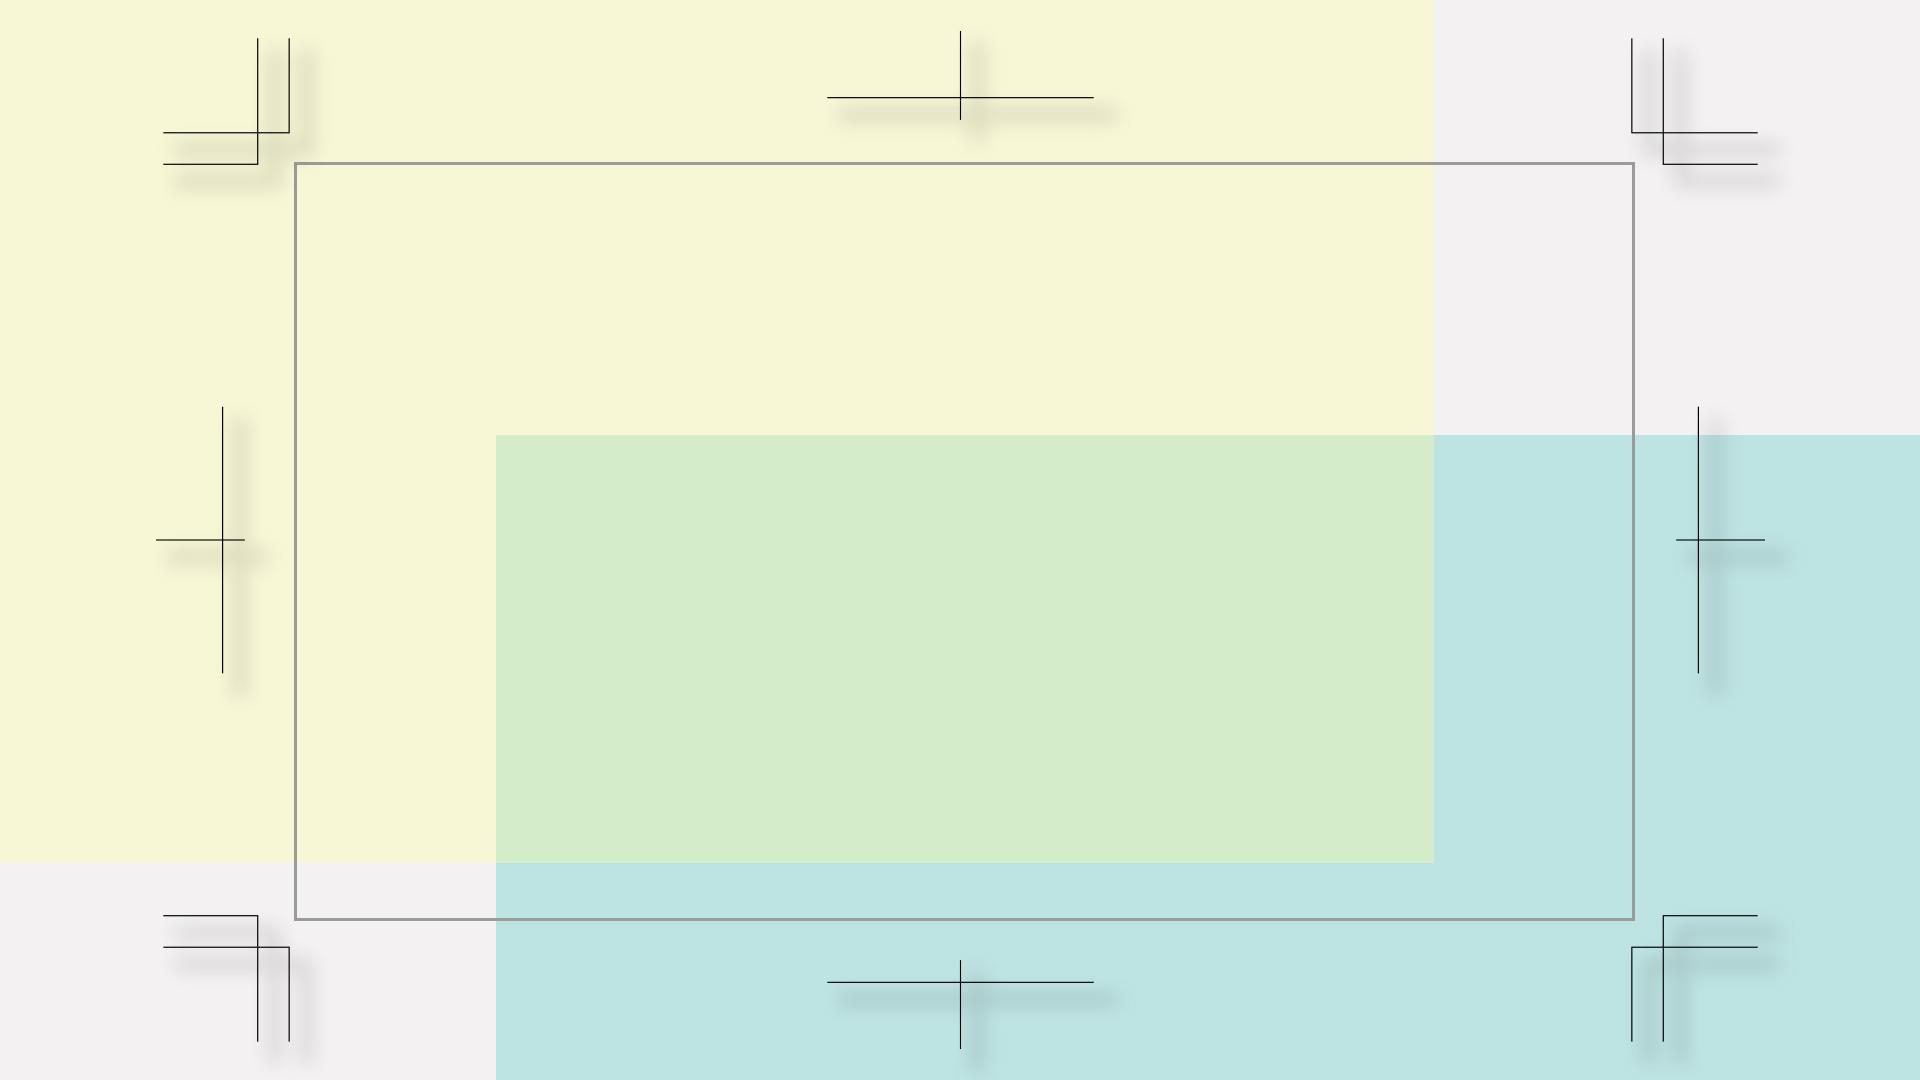 IllustratorとPhotoshopでサイズぴったりのリンク画像を作る方法